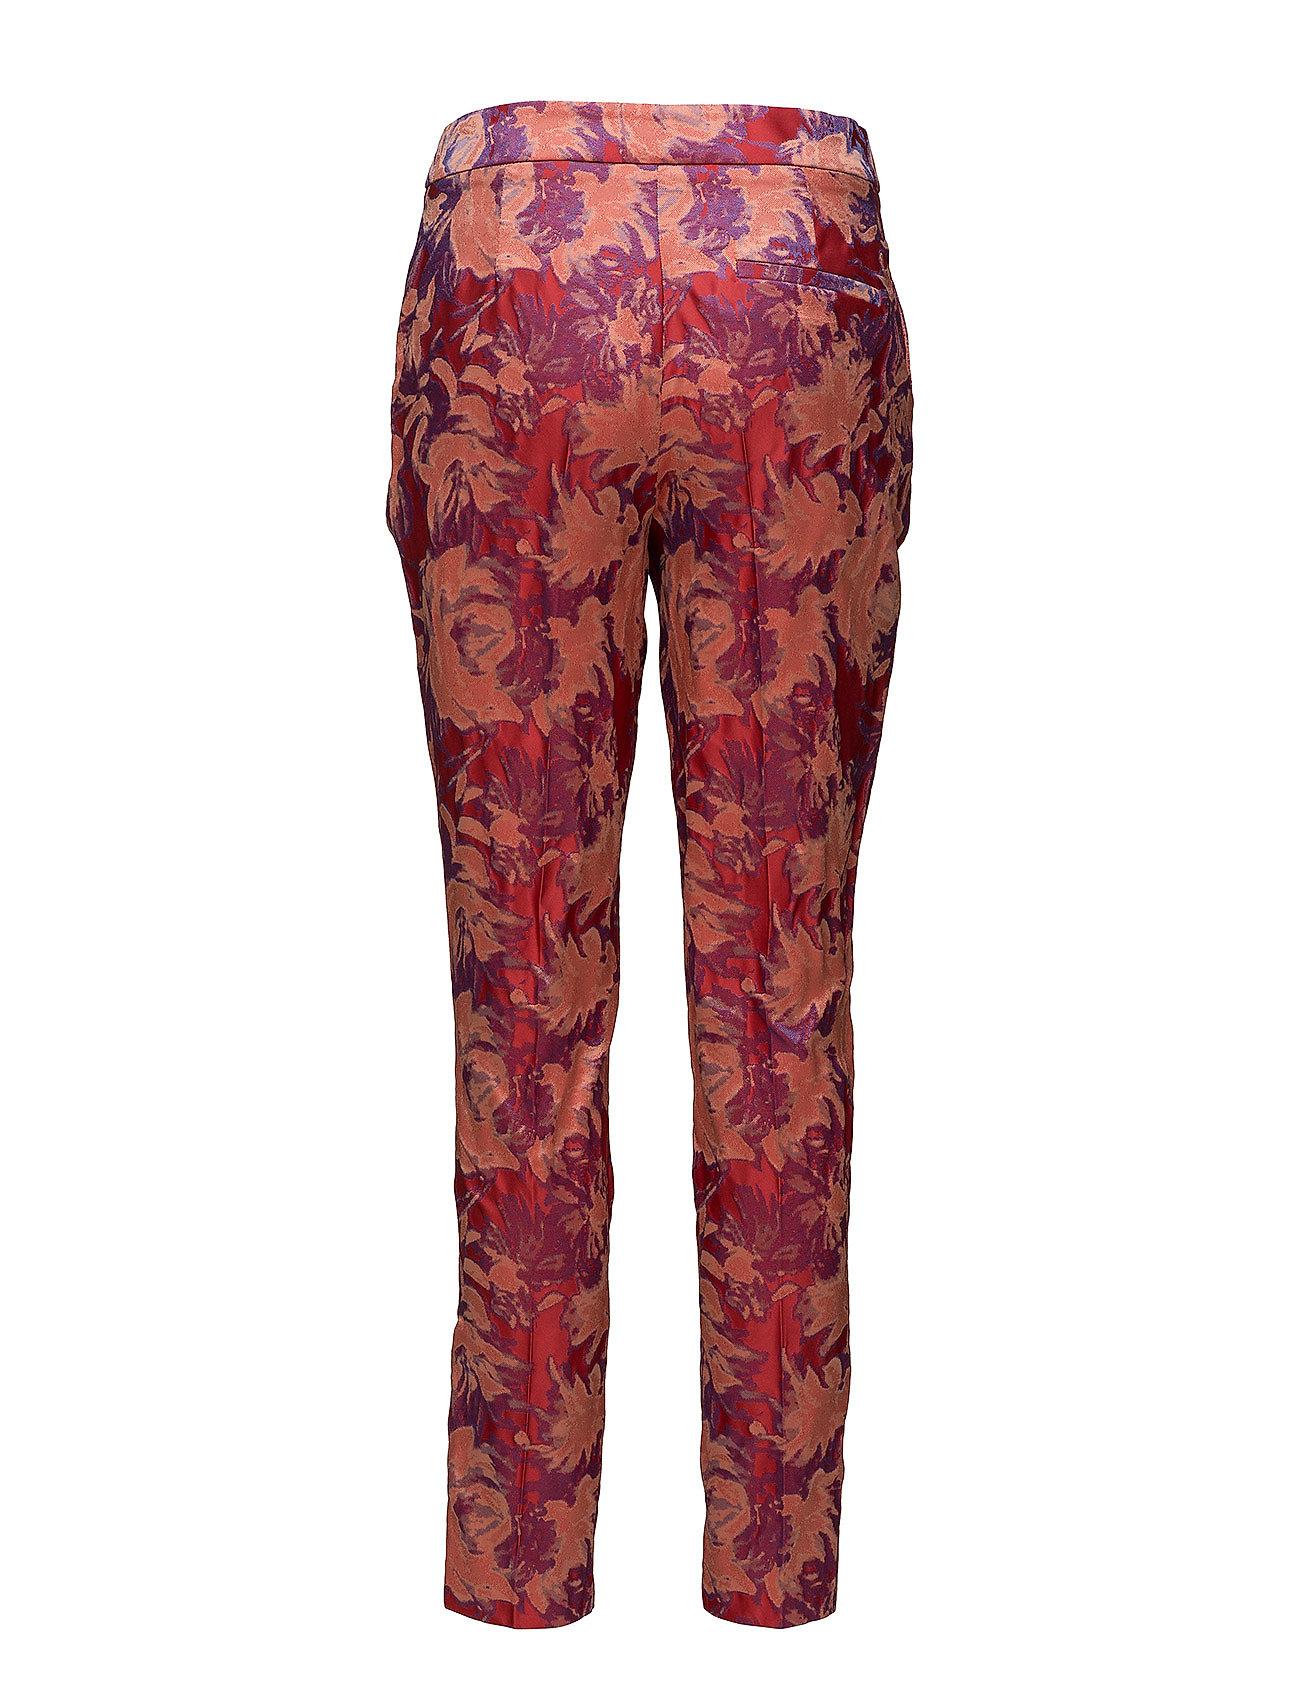 Ms18poinsettiaGestuz Pants Pants Pants Ms18poinsettiaGestuz Ms18poinsettiaGestuz Soffy Soffy Soffy Soffy 4c5jqR3AL